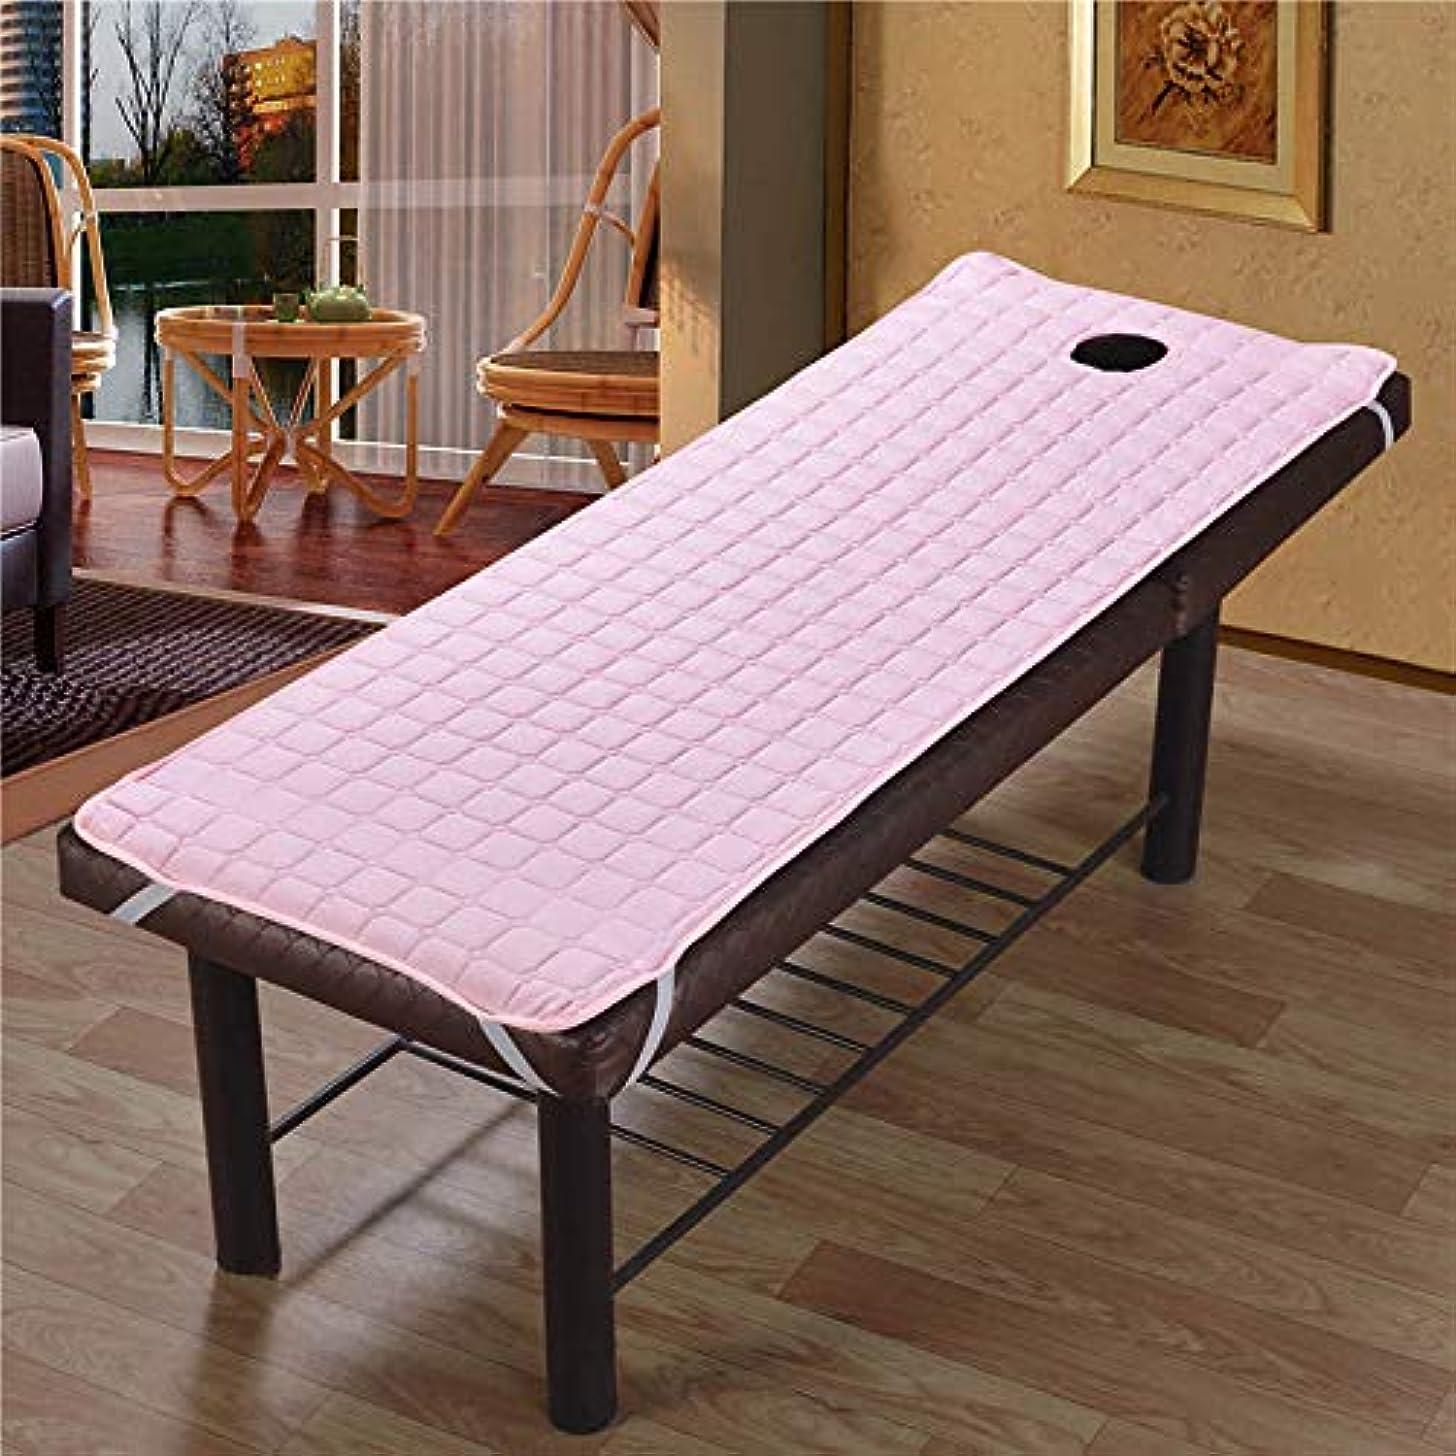 醜い純度ブレースProfeel 美容院のマッサージ療法のベッドのための滑り止めのSoliod色の長方形のマットレス